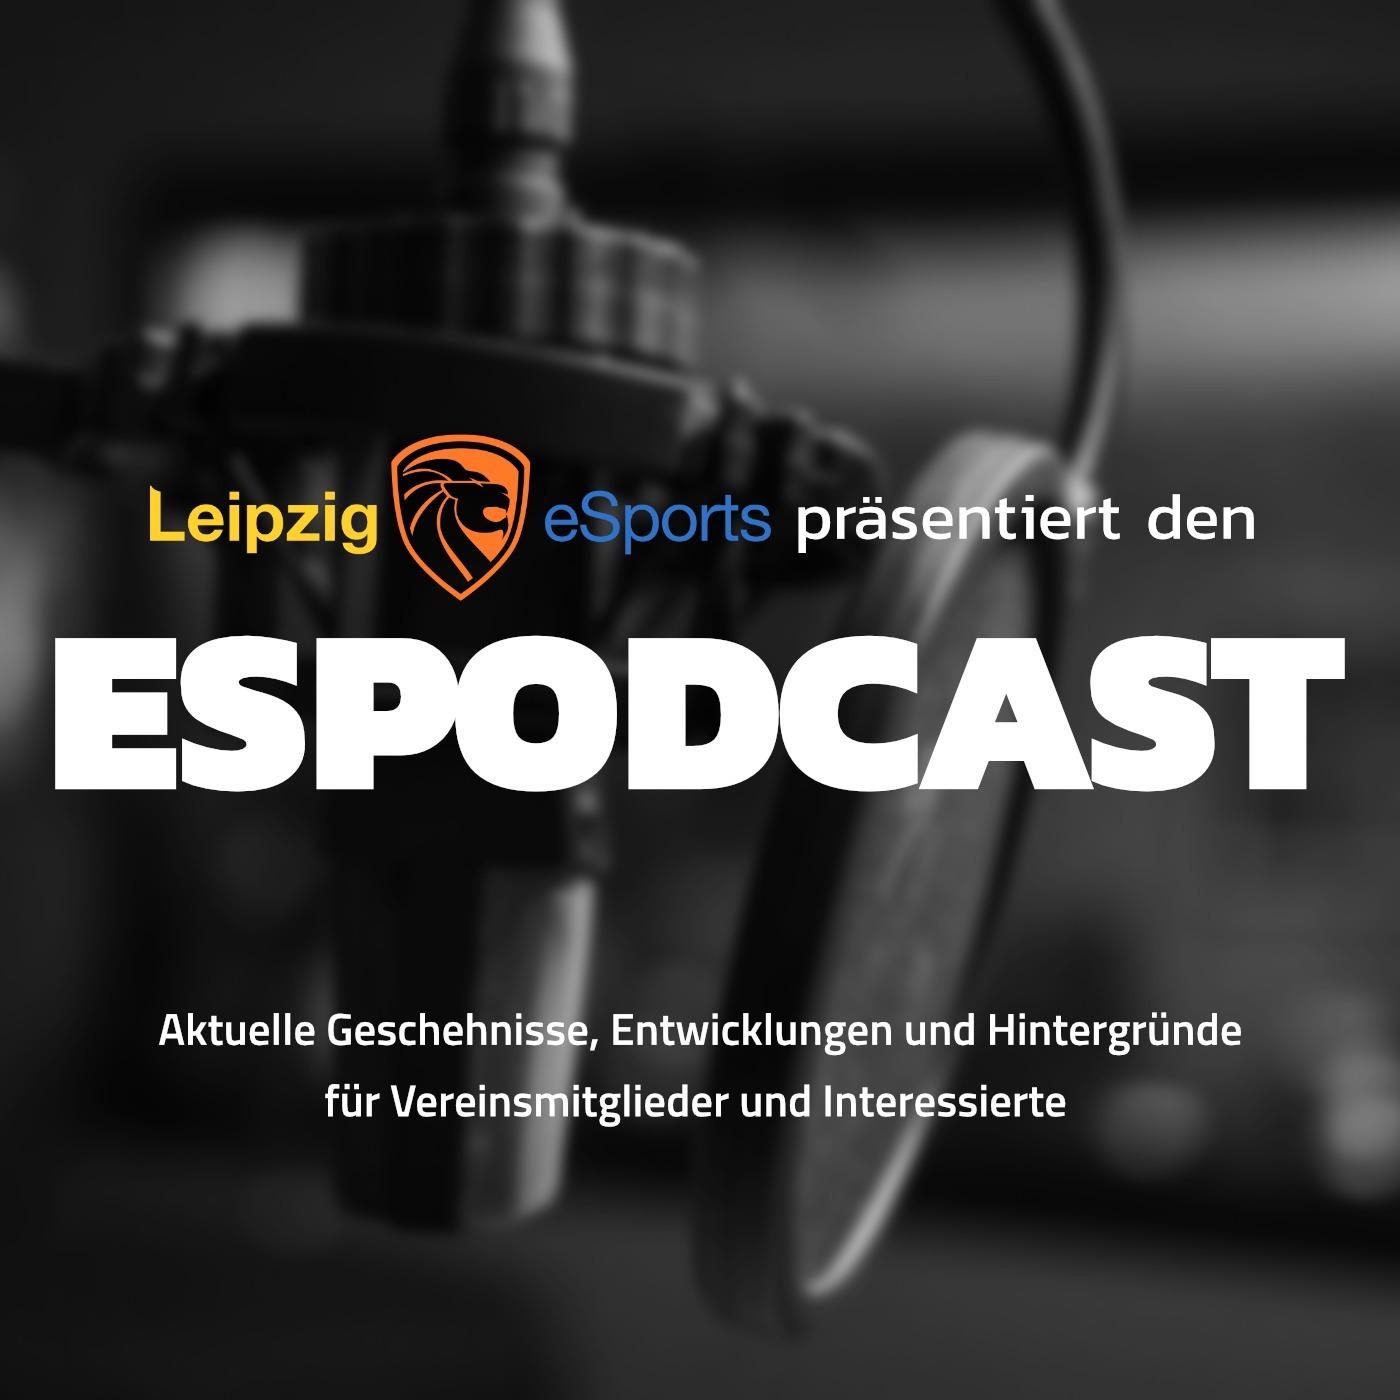 ESPODCAST - Der Esport-Vereinspodcast von Leipzig eSports e.V.